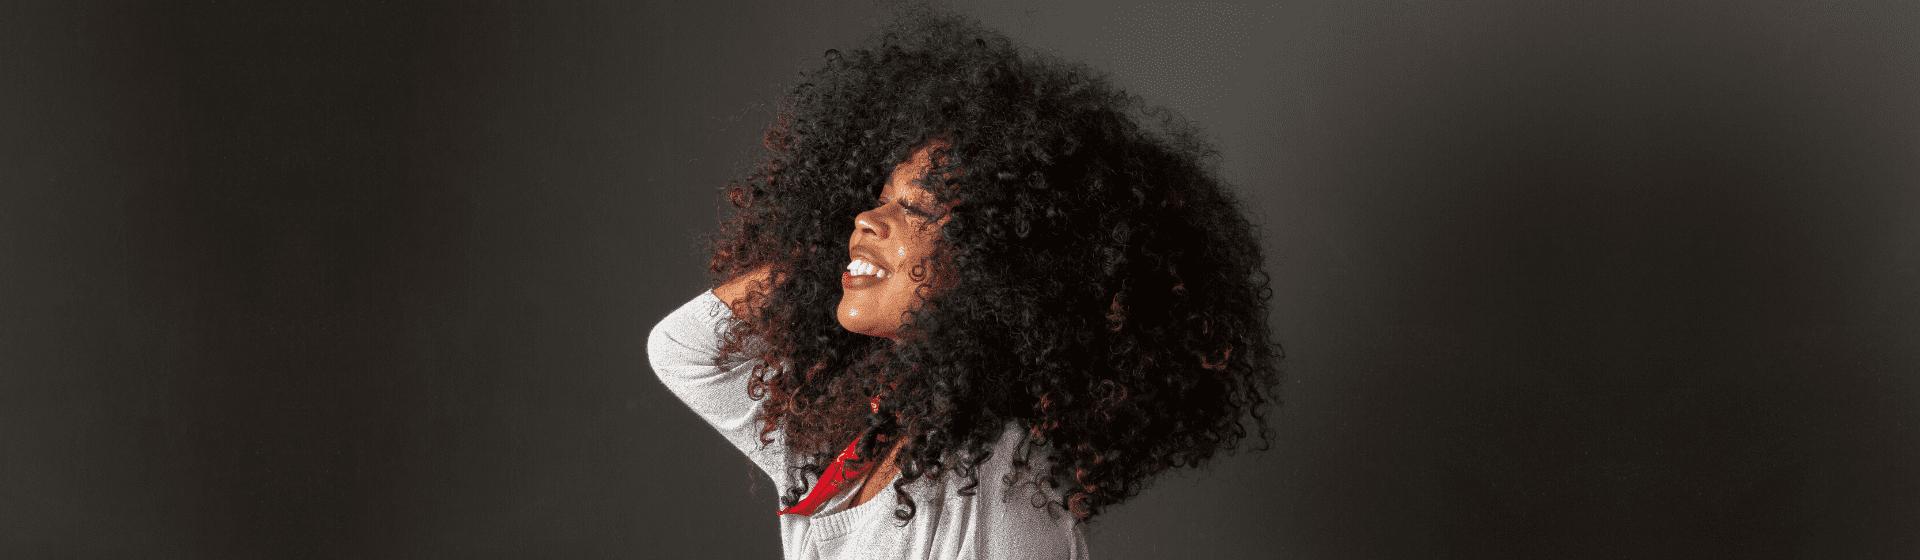 Melhor creme para cabelo cacheado de 2021: 10 opções para comprar